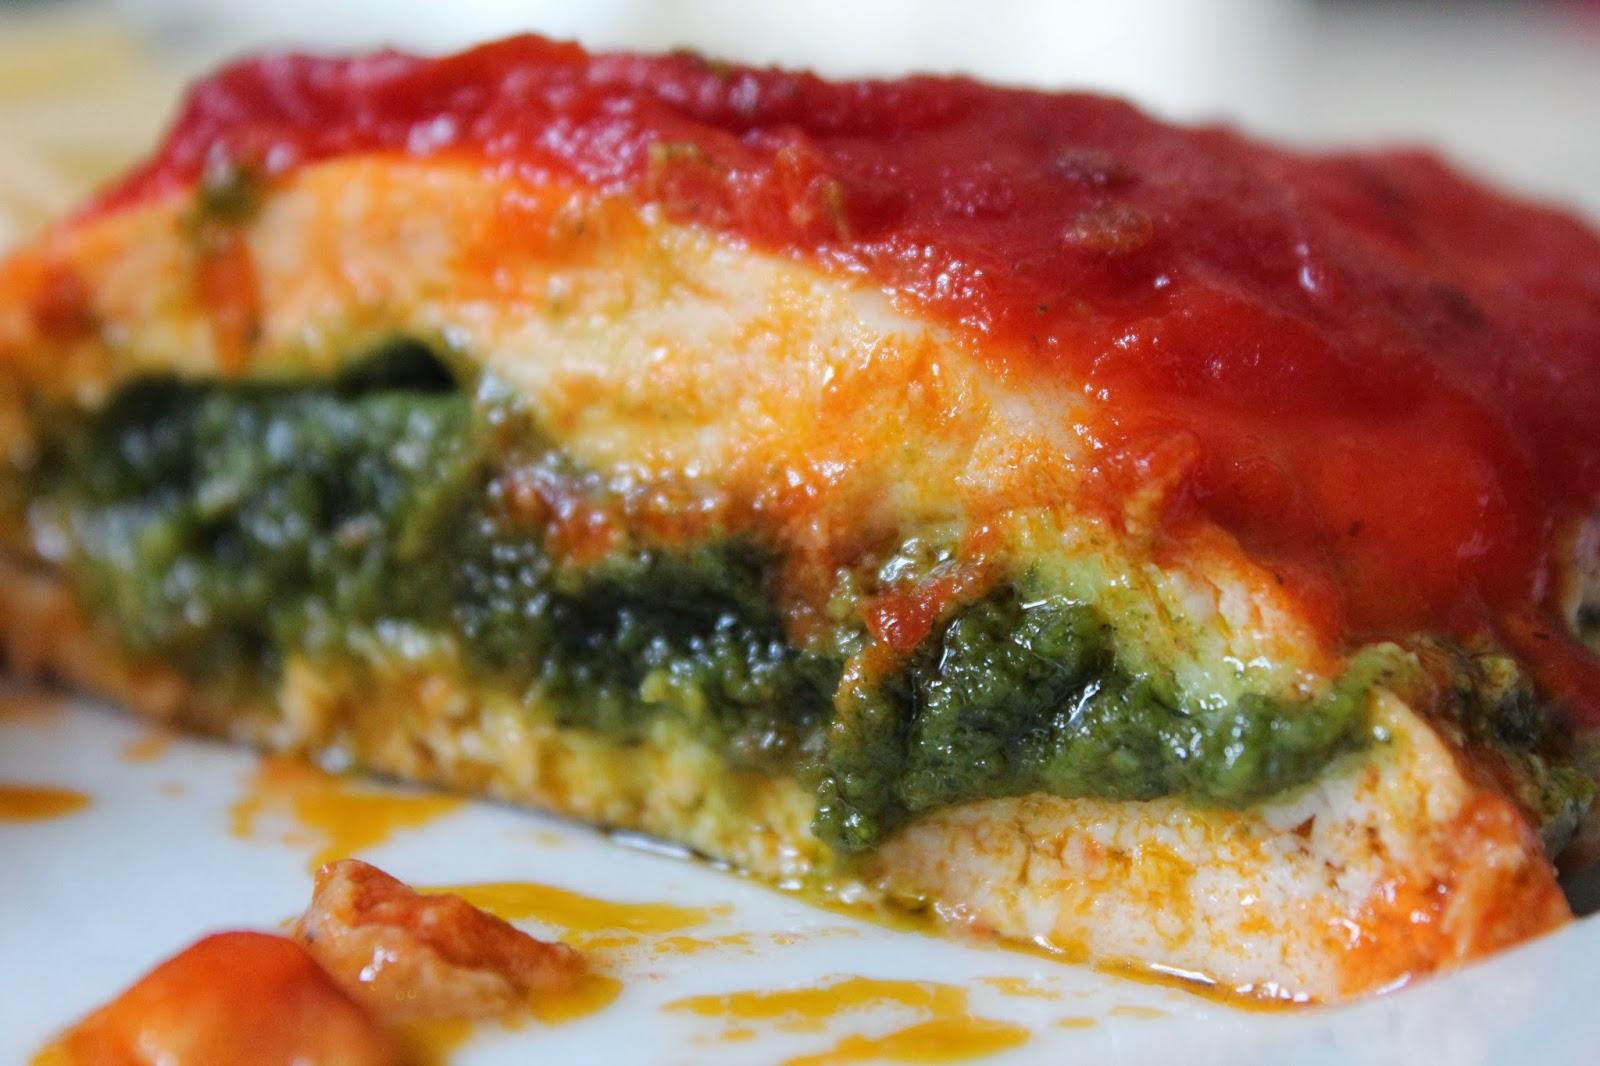 Pechugas de pollo al pesto, con salsa de tomate y acompañamiento de pasta.